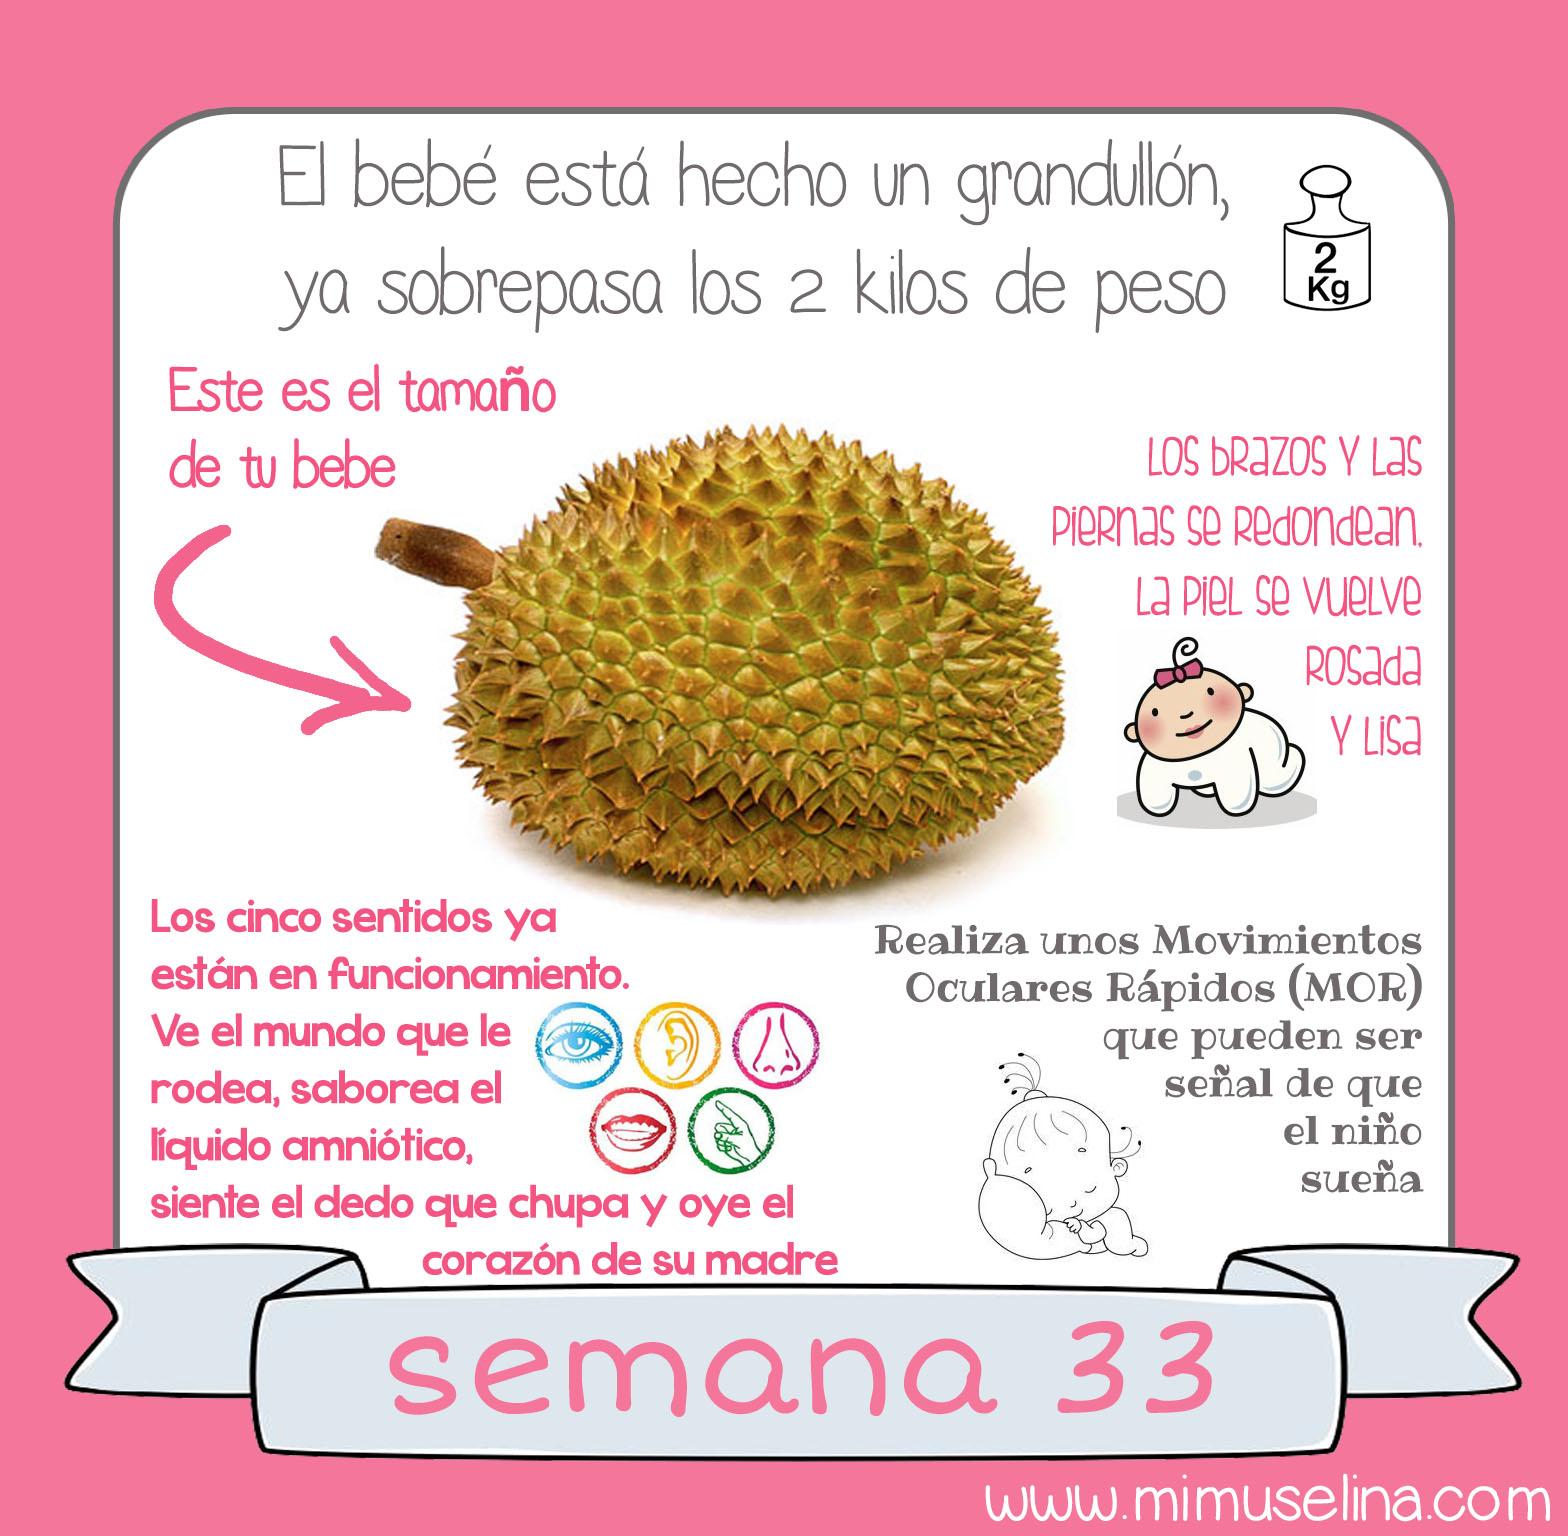 Bebeblog by mimuselina semana 33 embarazo tama o y evoluci n del beb mimuselina - 15 semanas de embarazo cuantos meses son ...